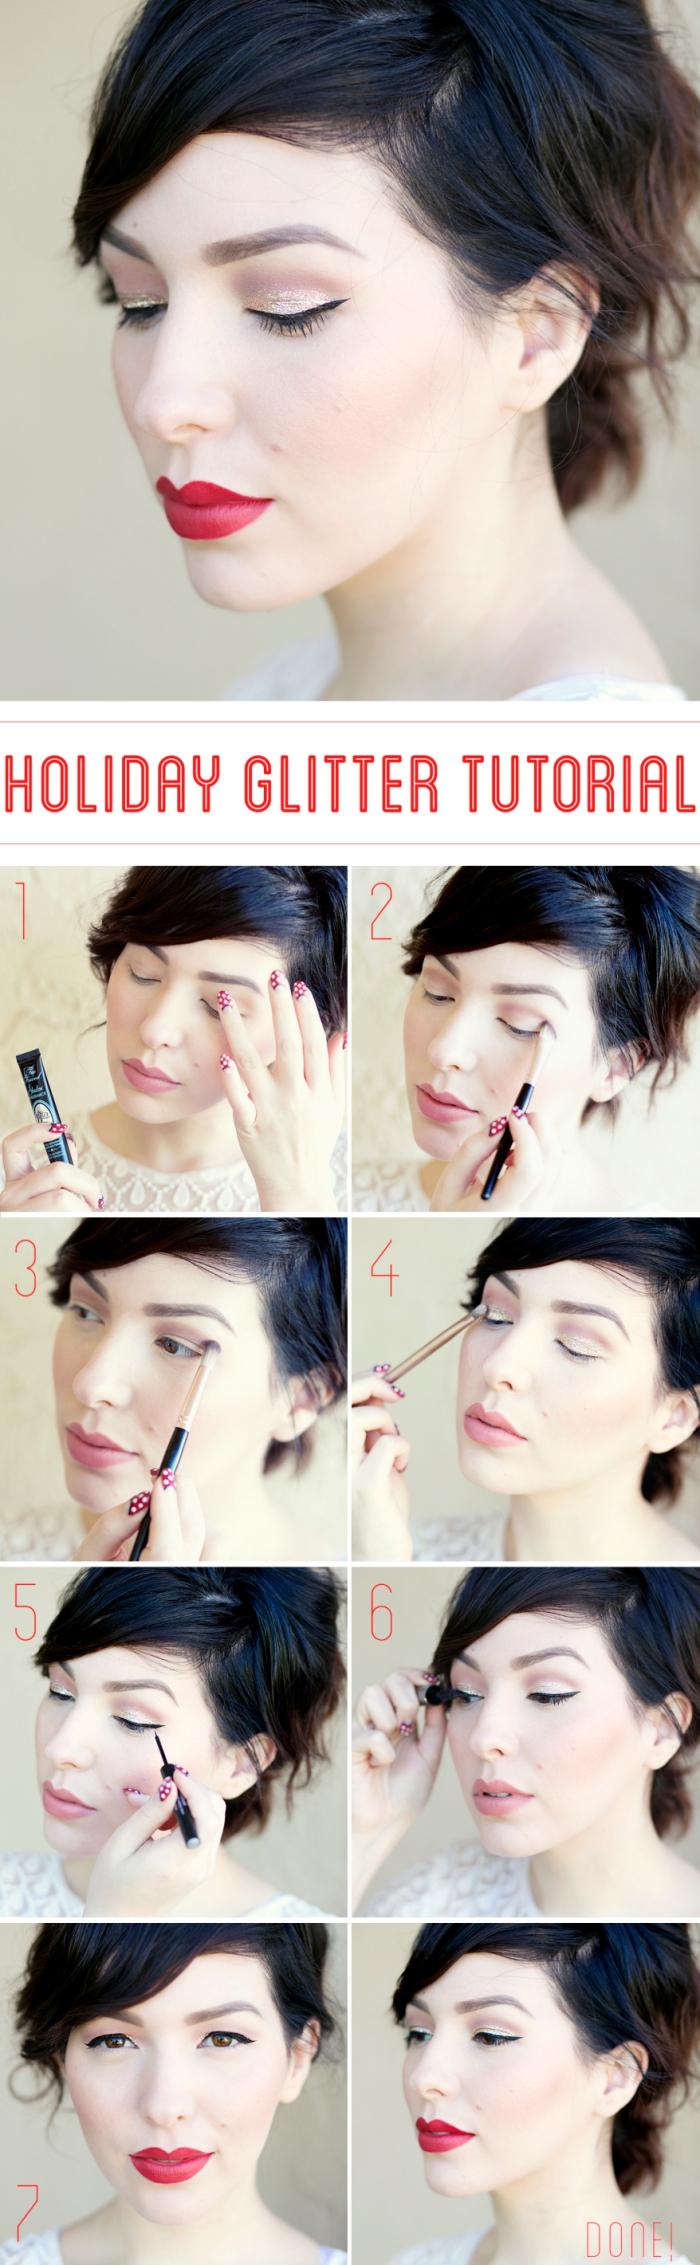 technique maquillage yeux marrons, coupe de cheveux courte noirs, comment maquiller ses yeux avec pinceau et ombres